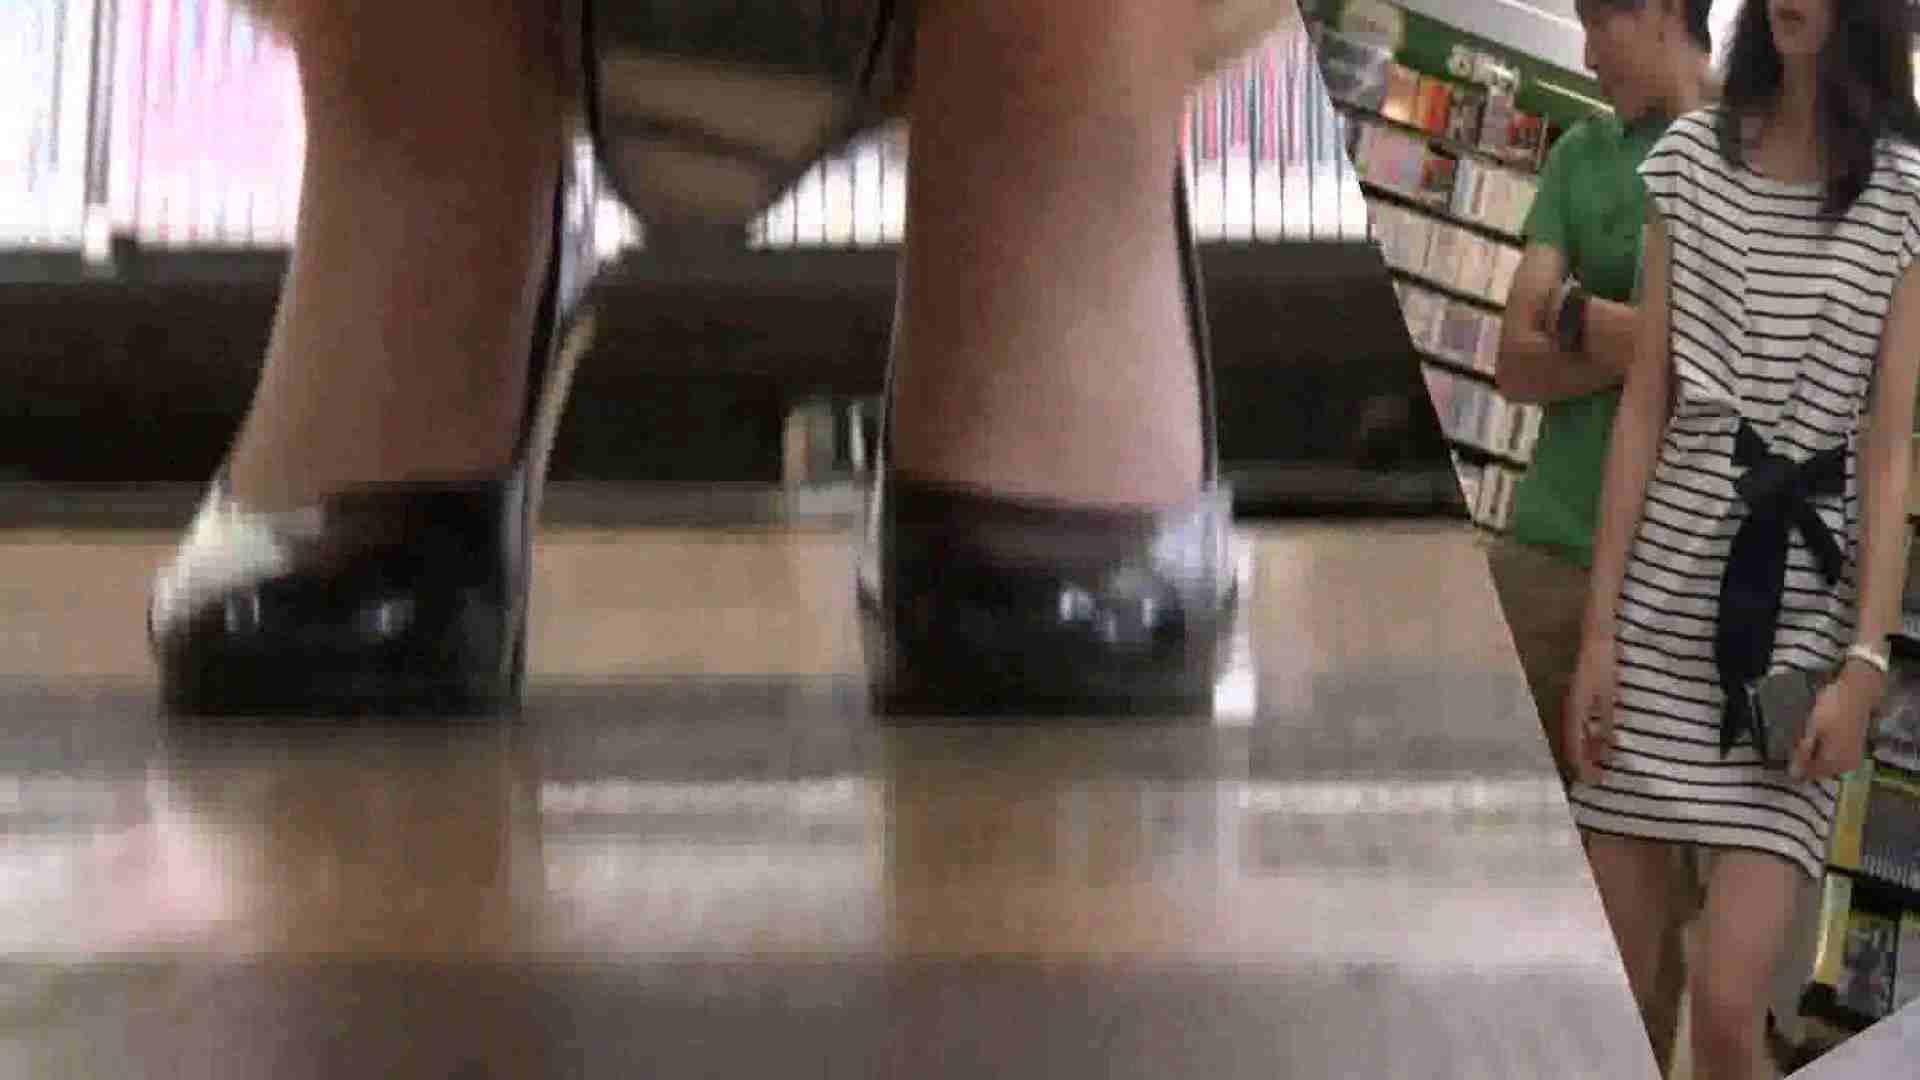 真剣に買い物中のgal達を上から下から狙います。vol.01 すけべなOL  89画像 72